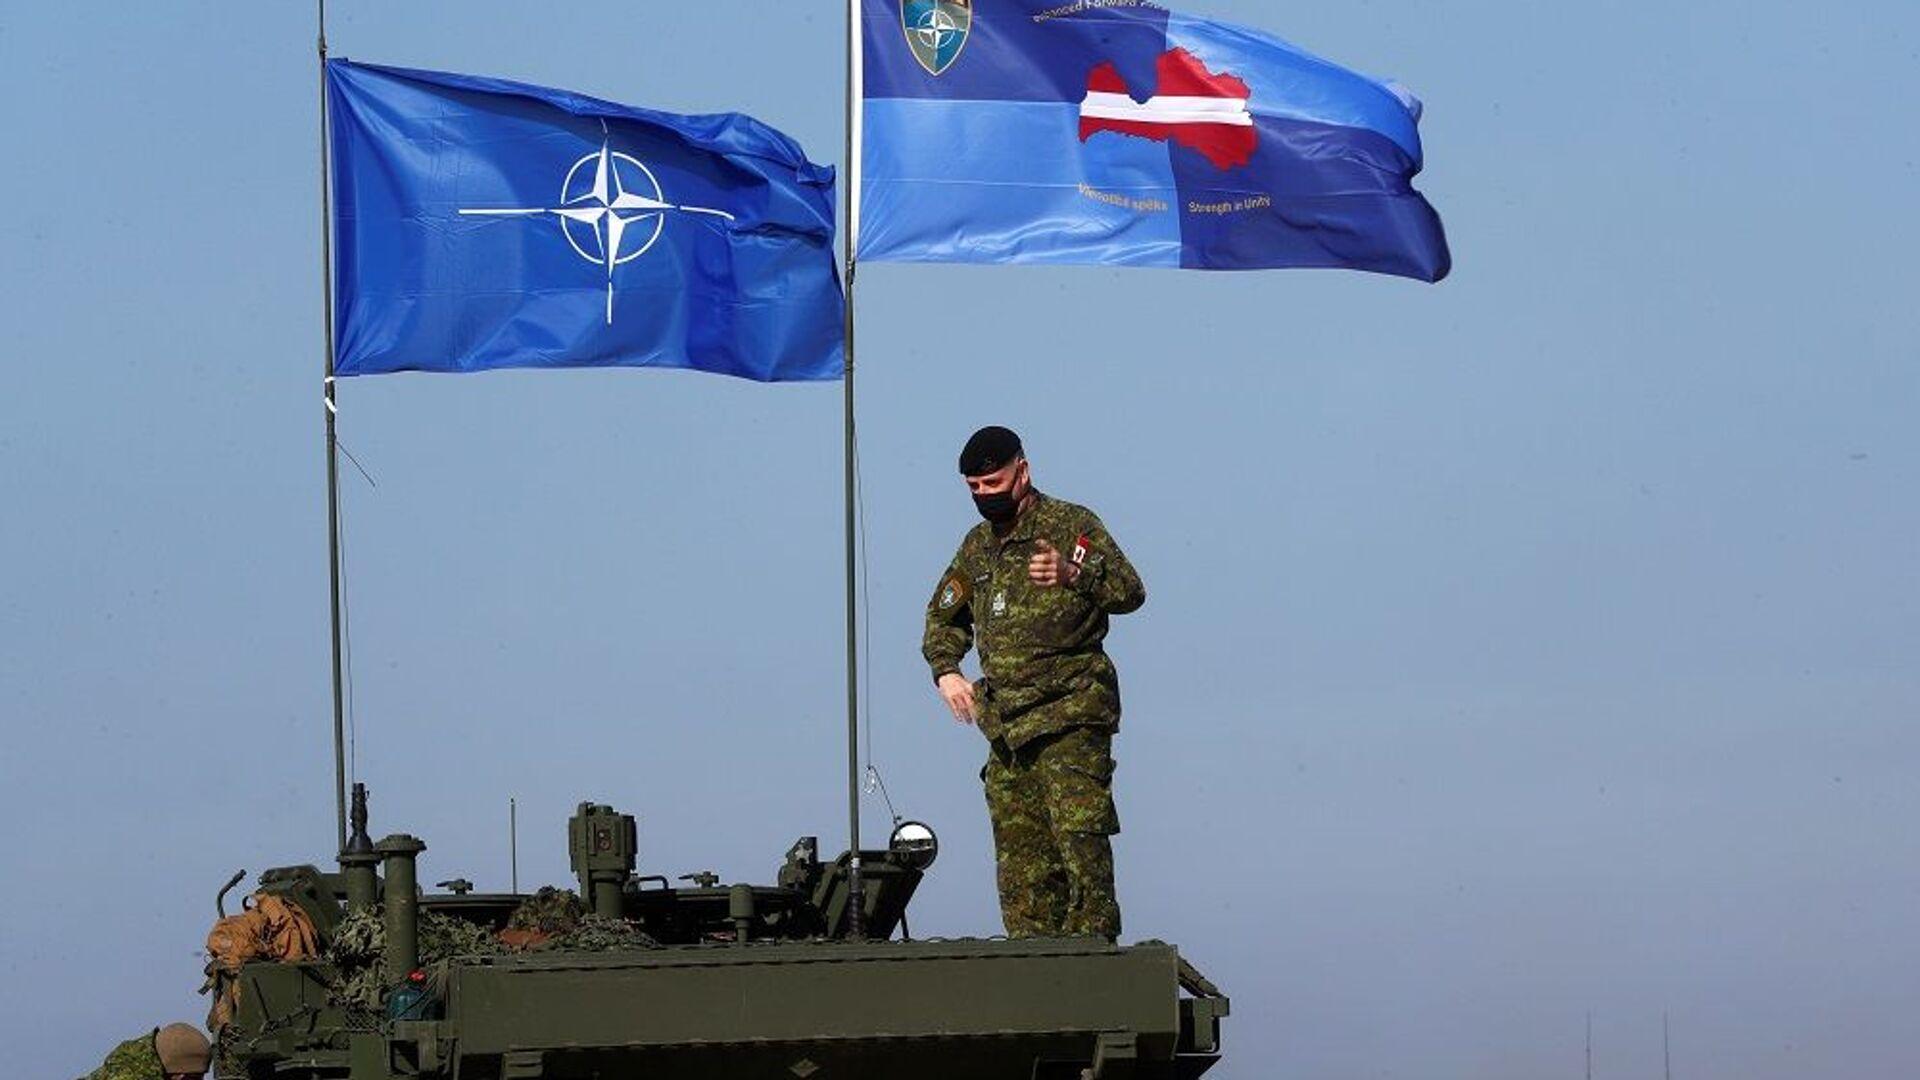 Военные учения боевой группы передового присутствия НАТО Хрустальная стрела-2021 в Адажи - Sputnik Таджикистан, 1920, 15.08.2021